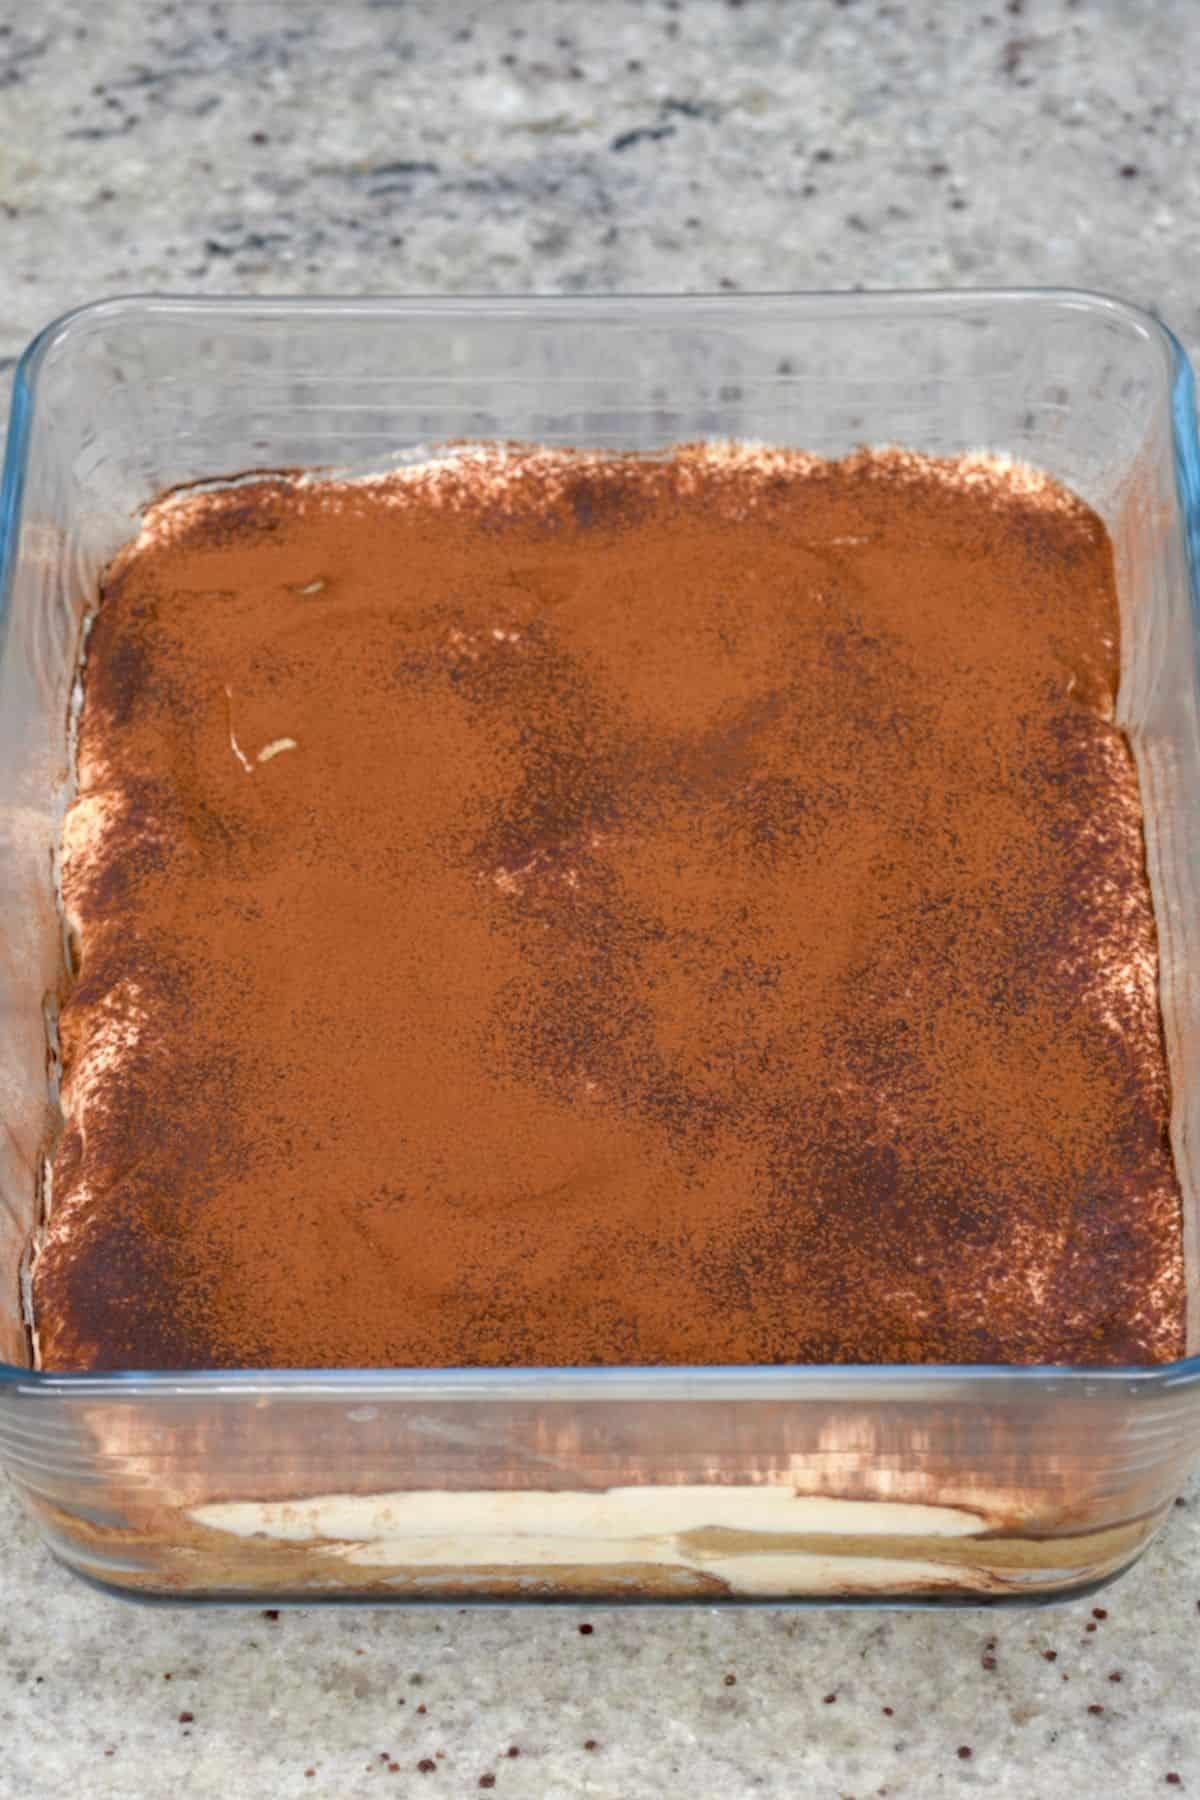 Tiramisu dusted with cacao powder